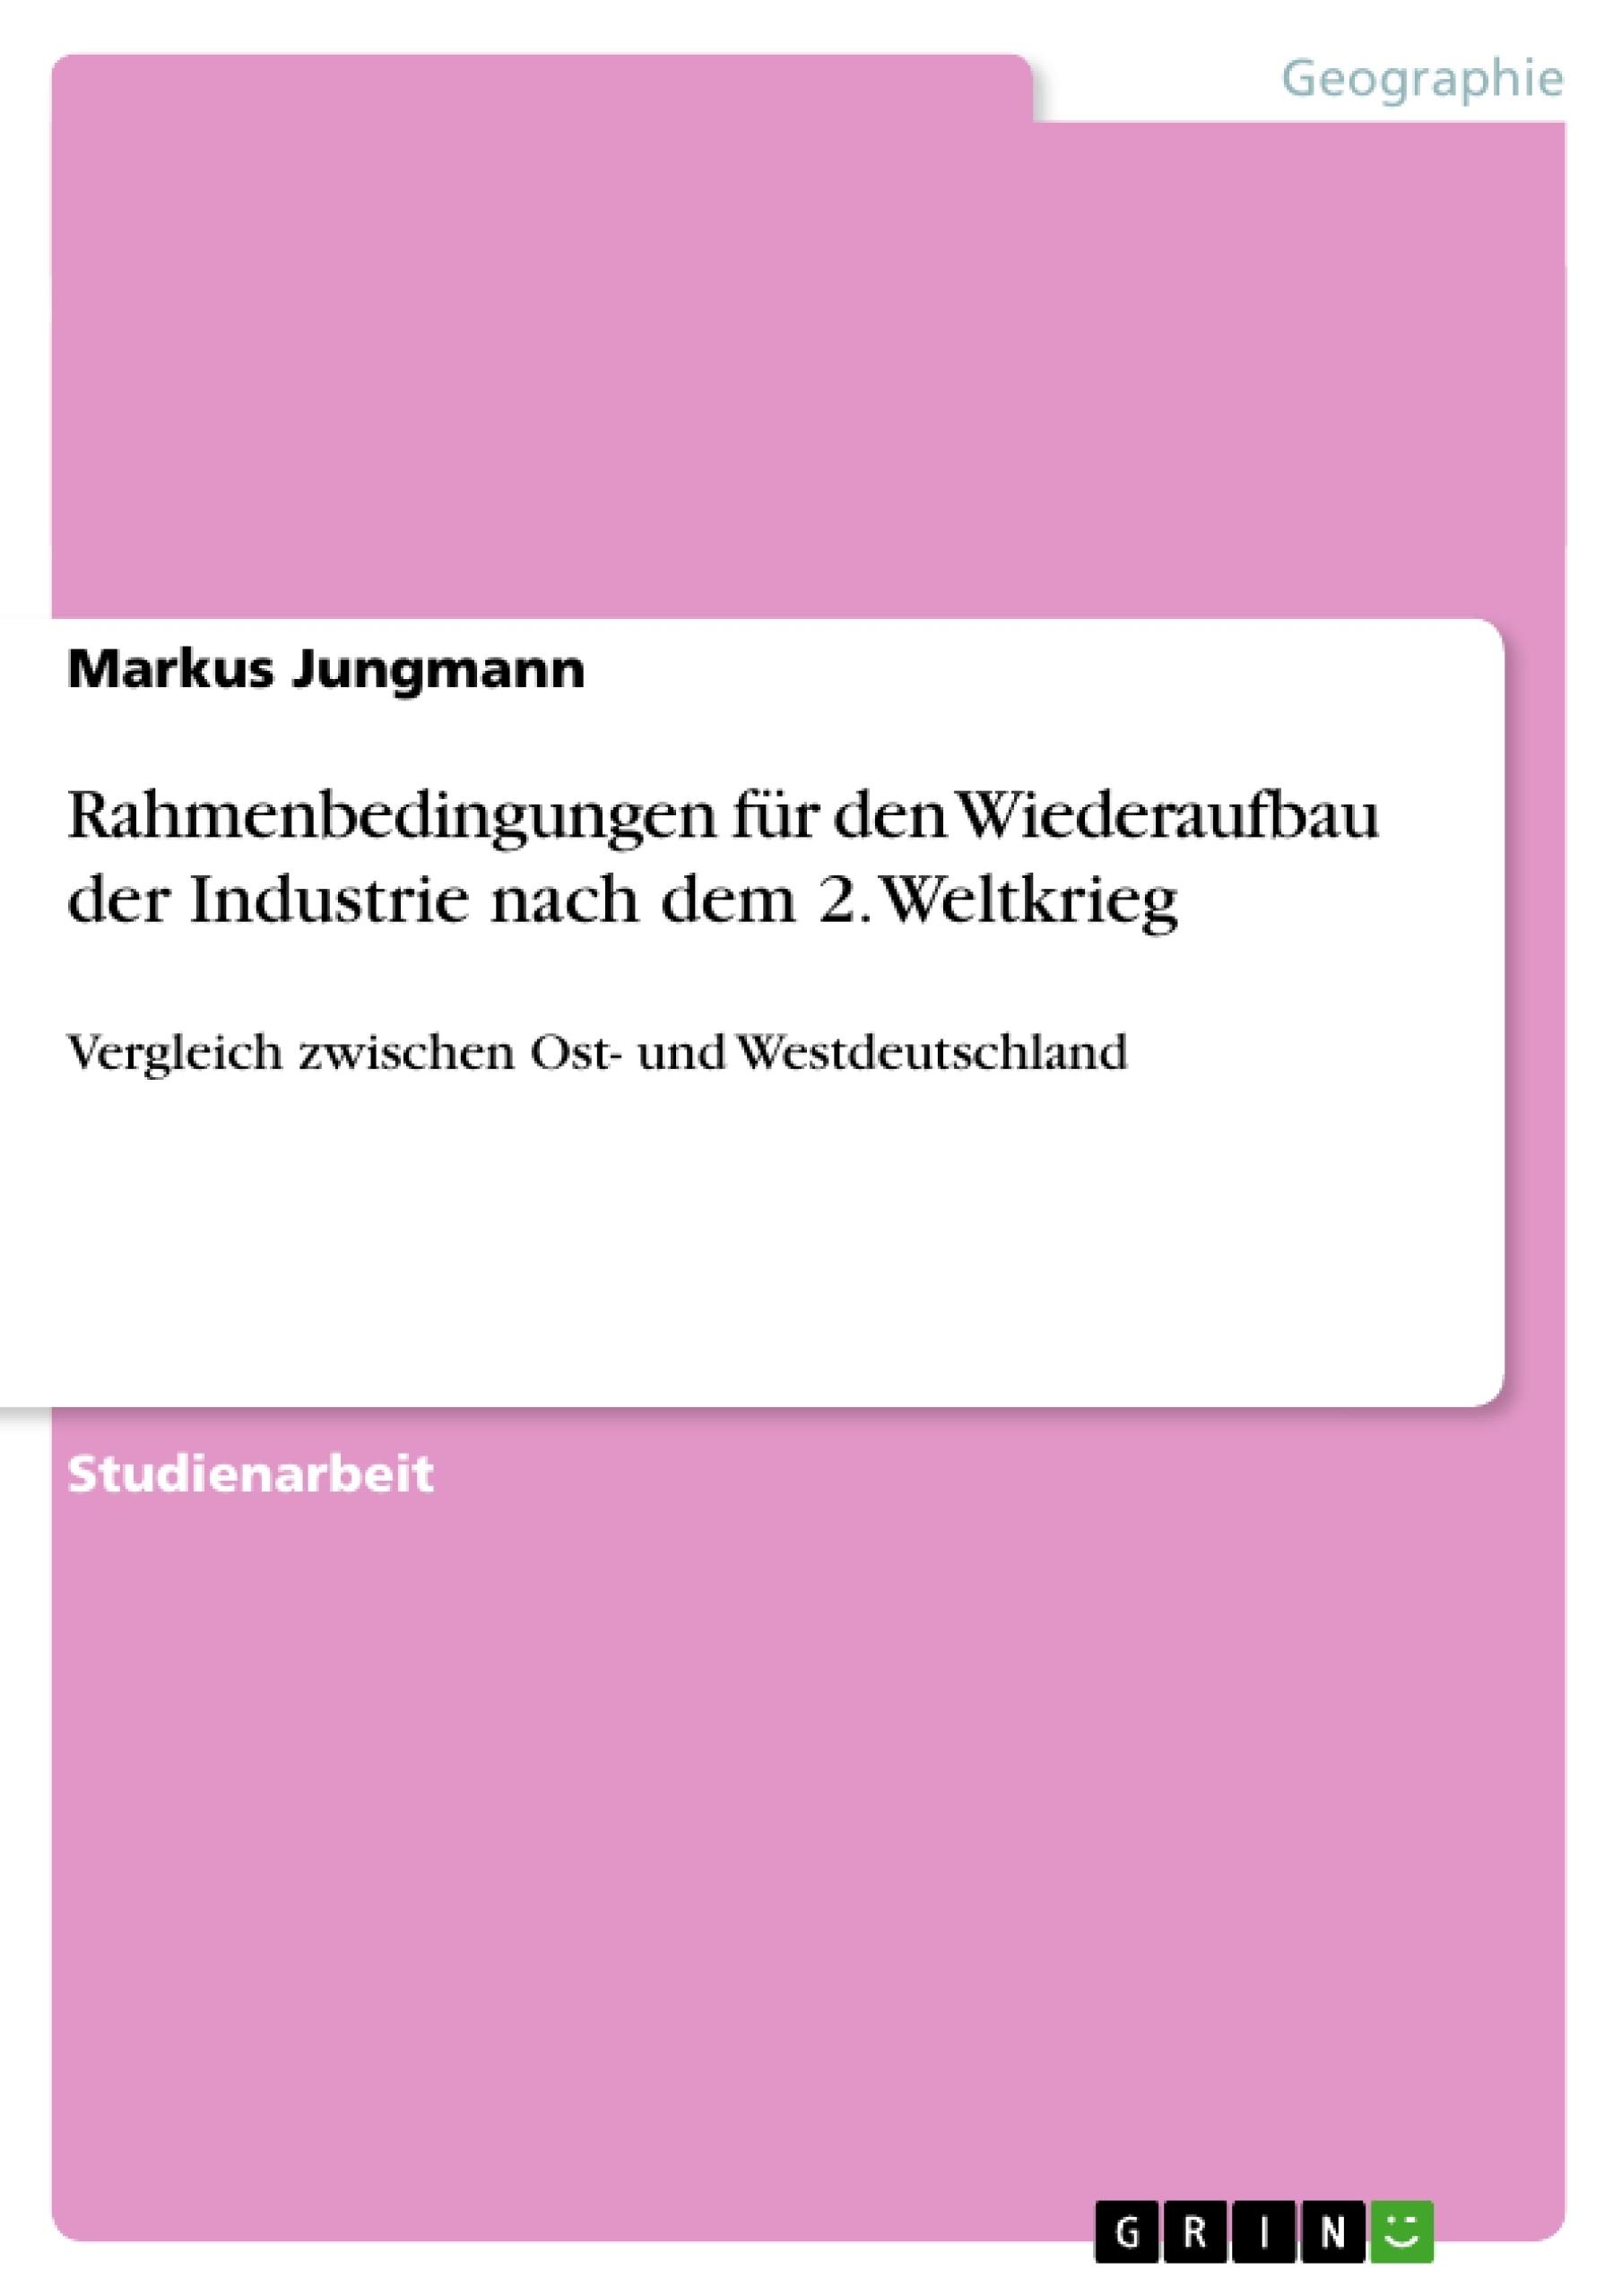 Titel: Rahmenbedingungen für den Wiederaufbau der Industrie nach dem 2. Weltkrieg